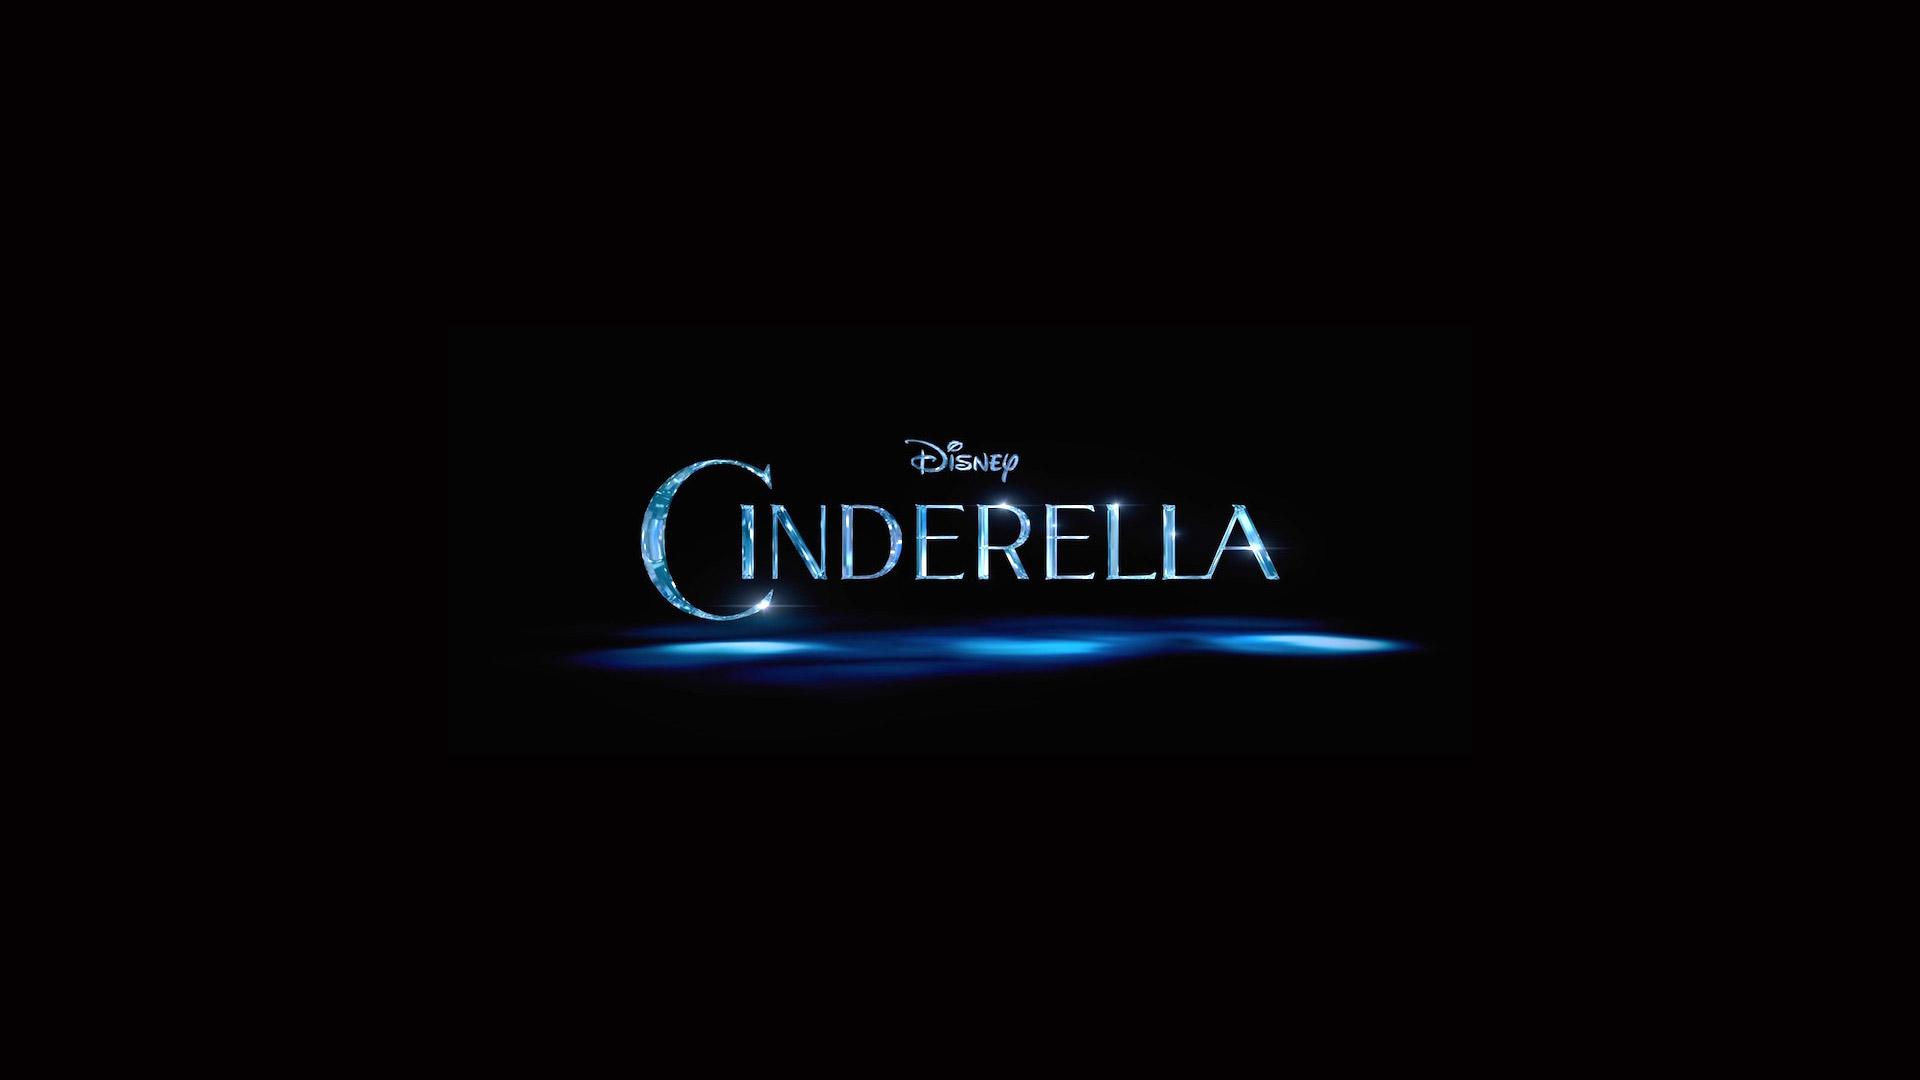 cinderella movie logo wallpaper 52209